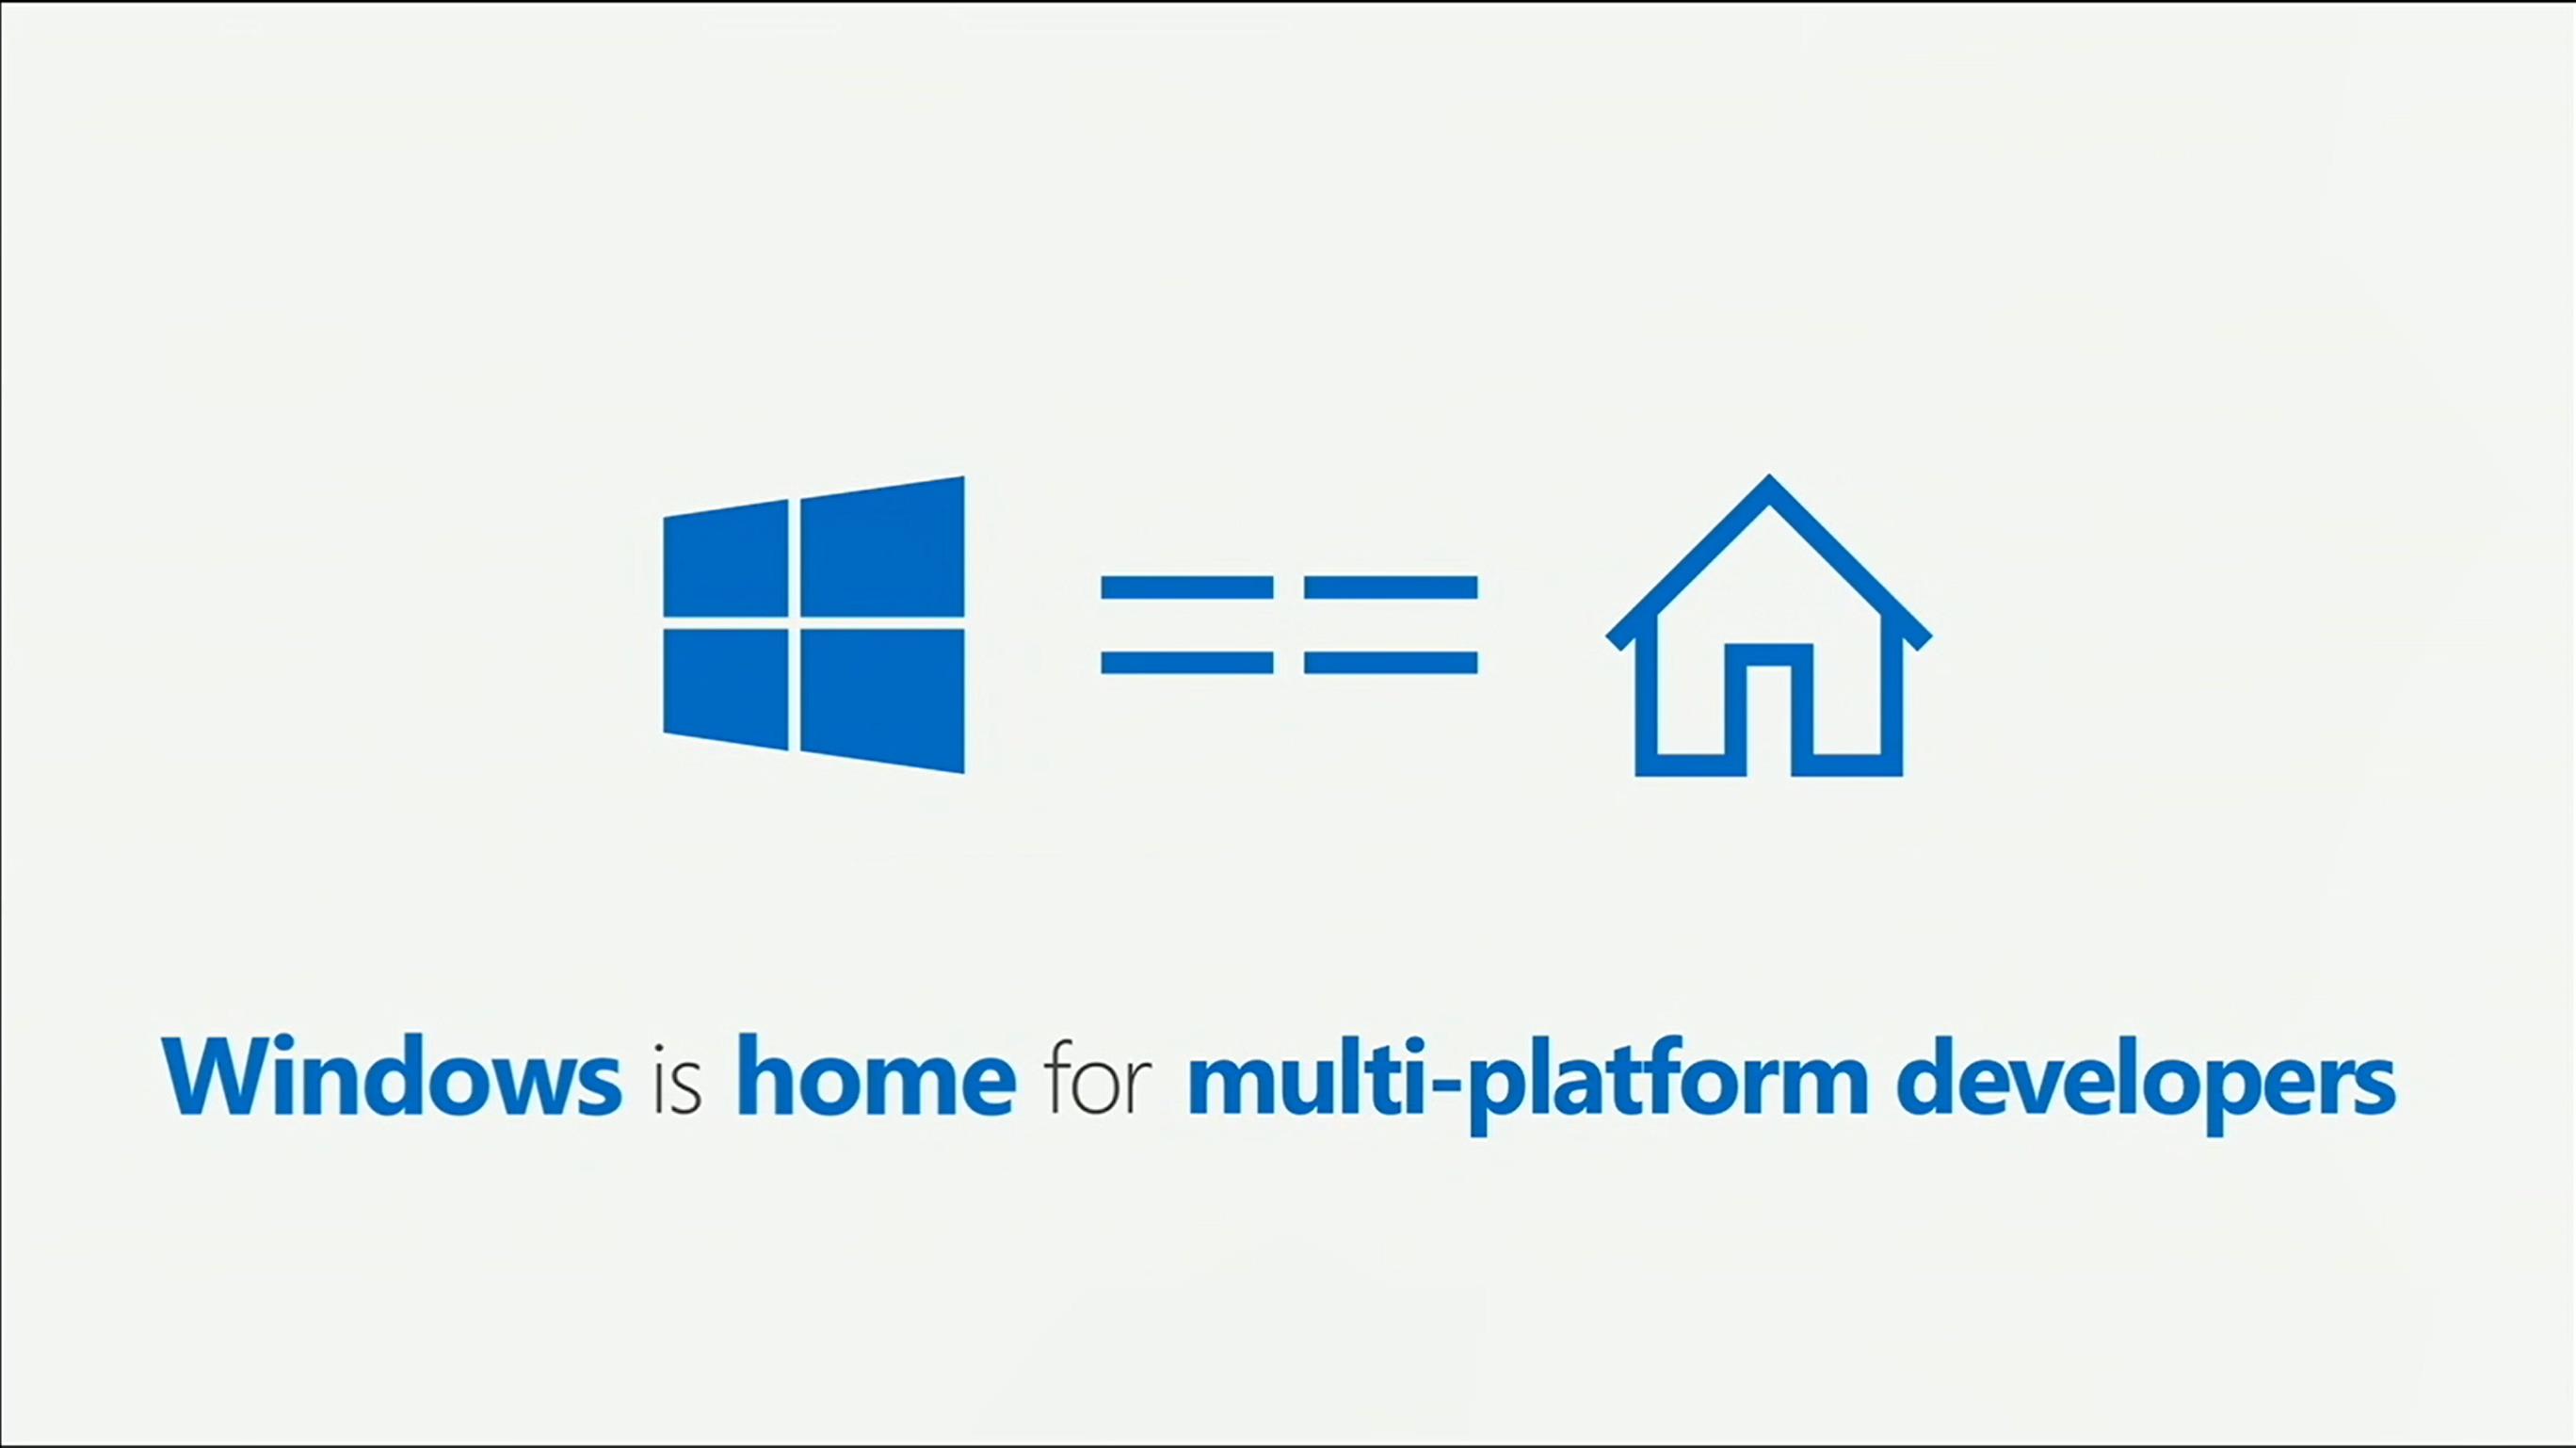 Microsoft Build 2016 Day1 Keynote 1280x720 WEB-DL MP4-Channel9.mp4_20160406_005128.359.jpg